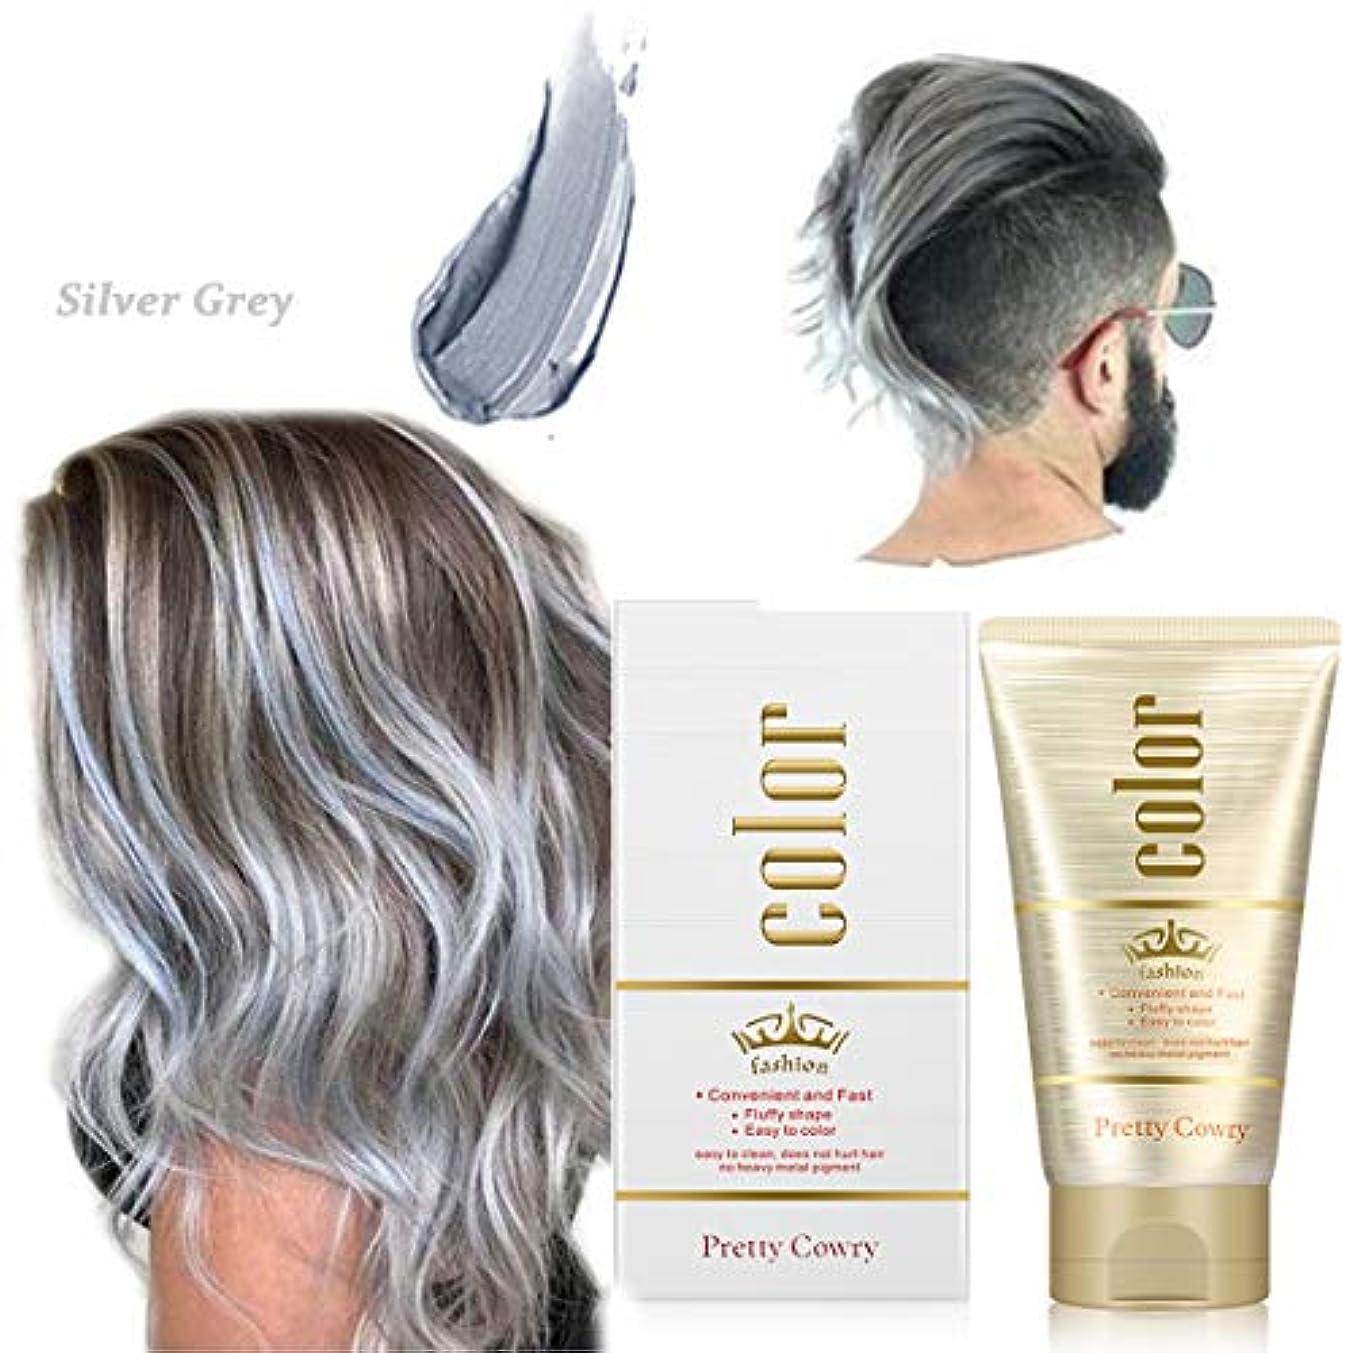 ペンスリアルかわいらしい染めヘアワックス、ワンタイムカラースタイリング、スタイリングカラーヘアワックス、ユニセックス9色、diyヘアカラーヘアパーティー、ロールプレイング (Sliver grey)